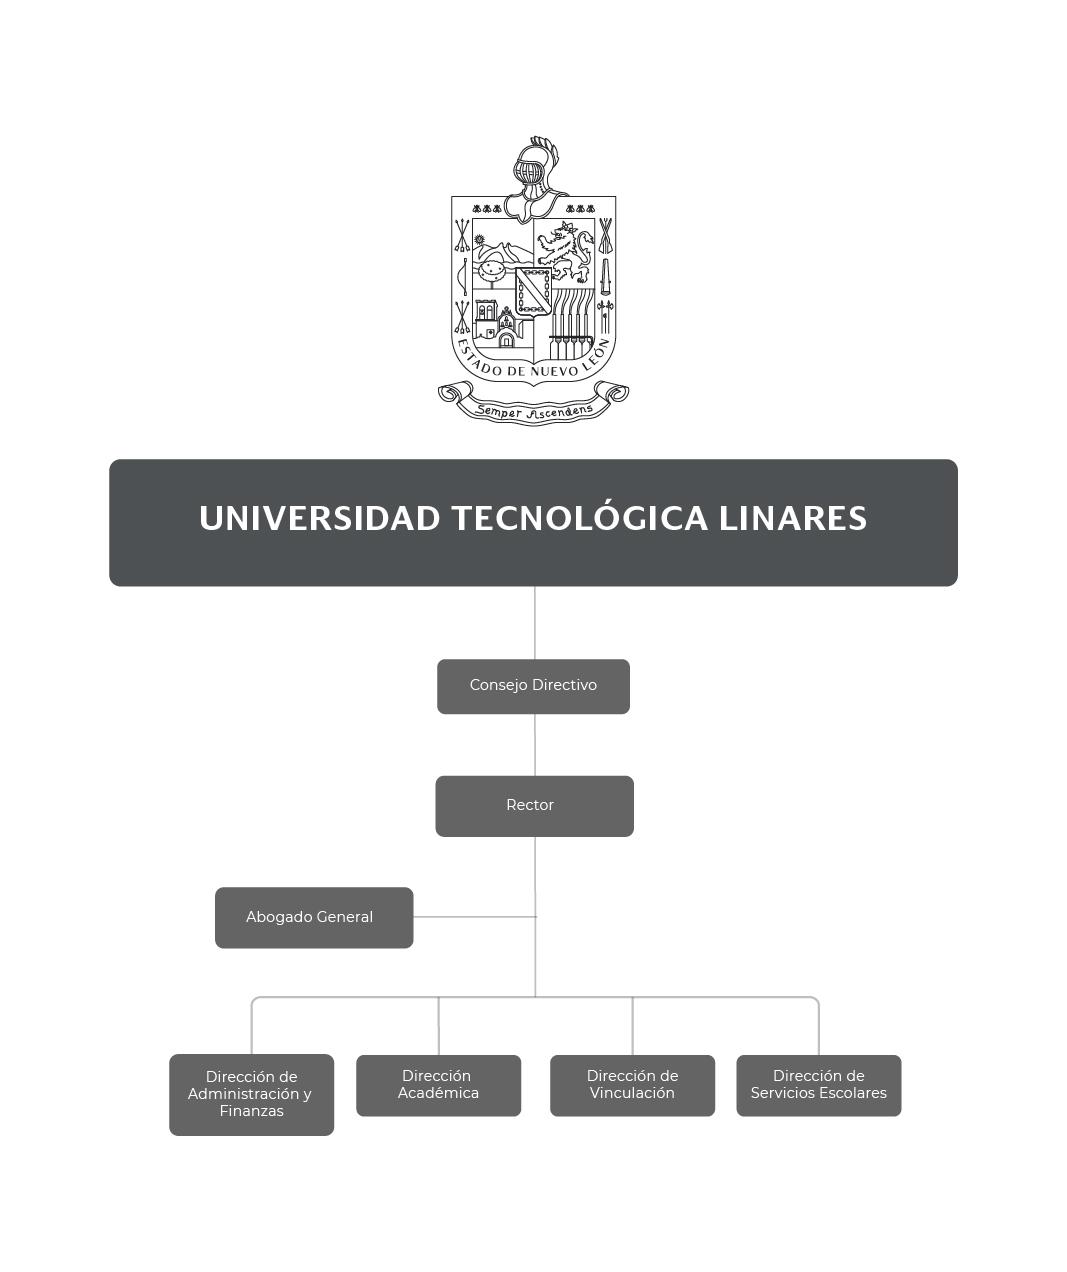 Organigrama de la Universidad Tecnológica Linares